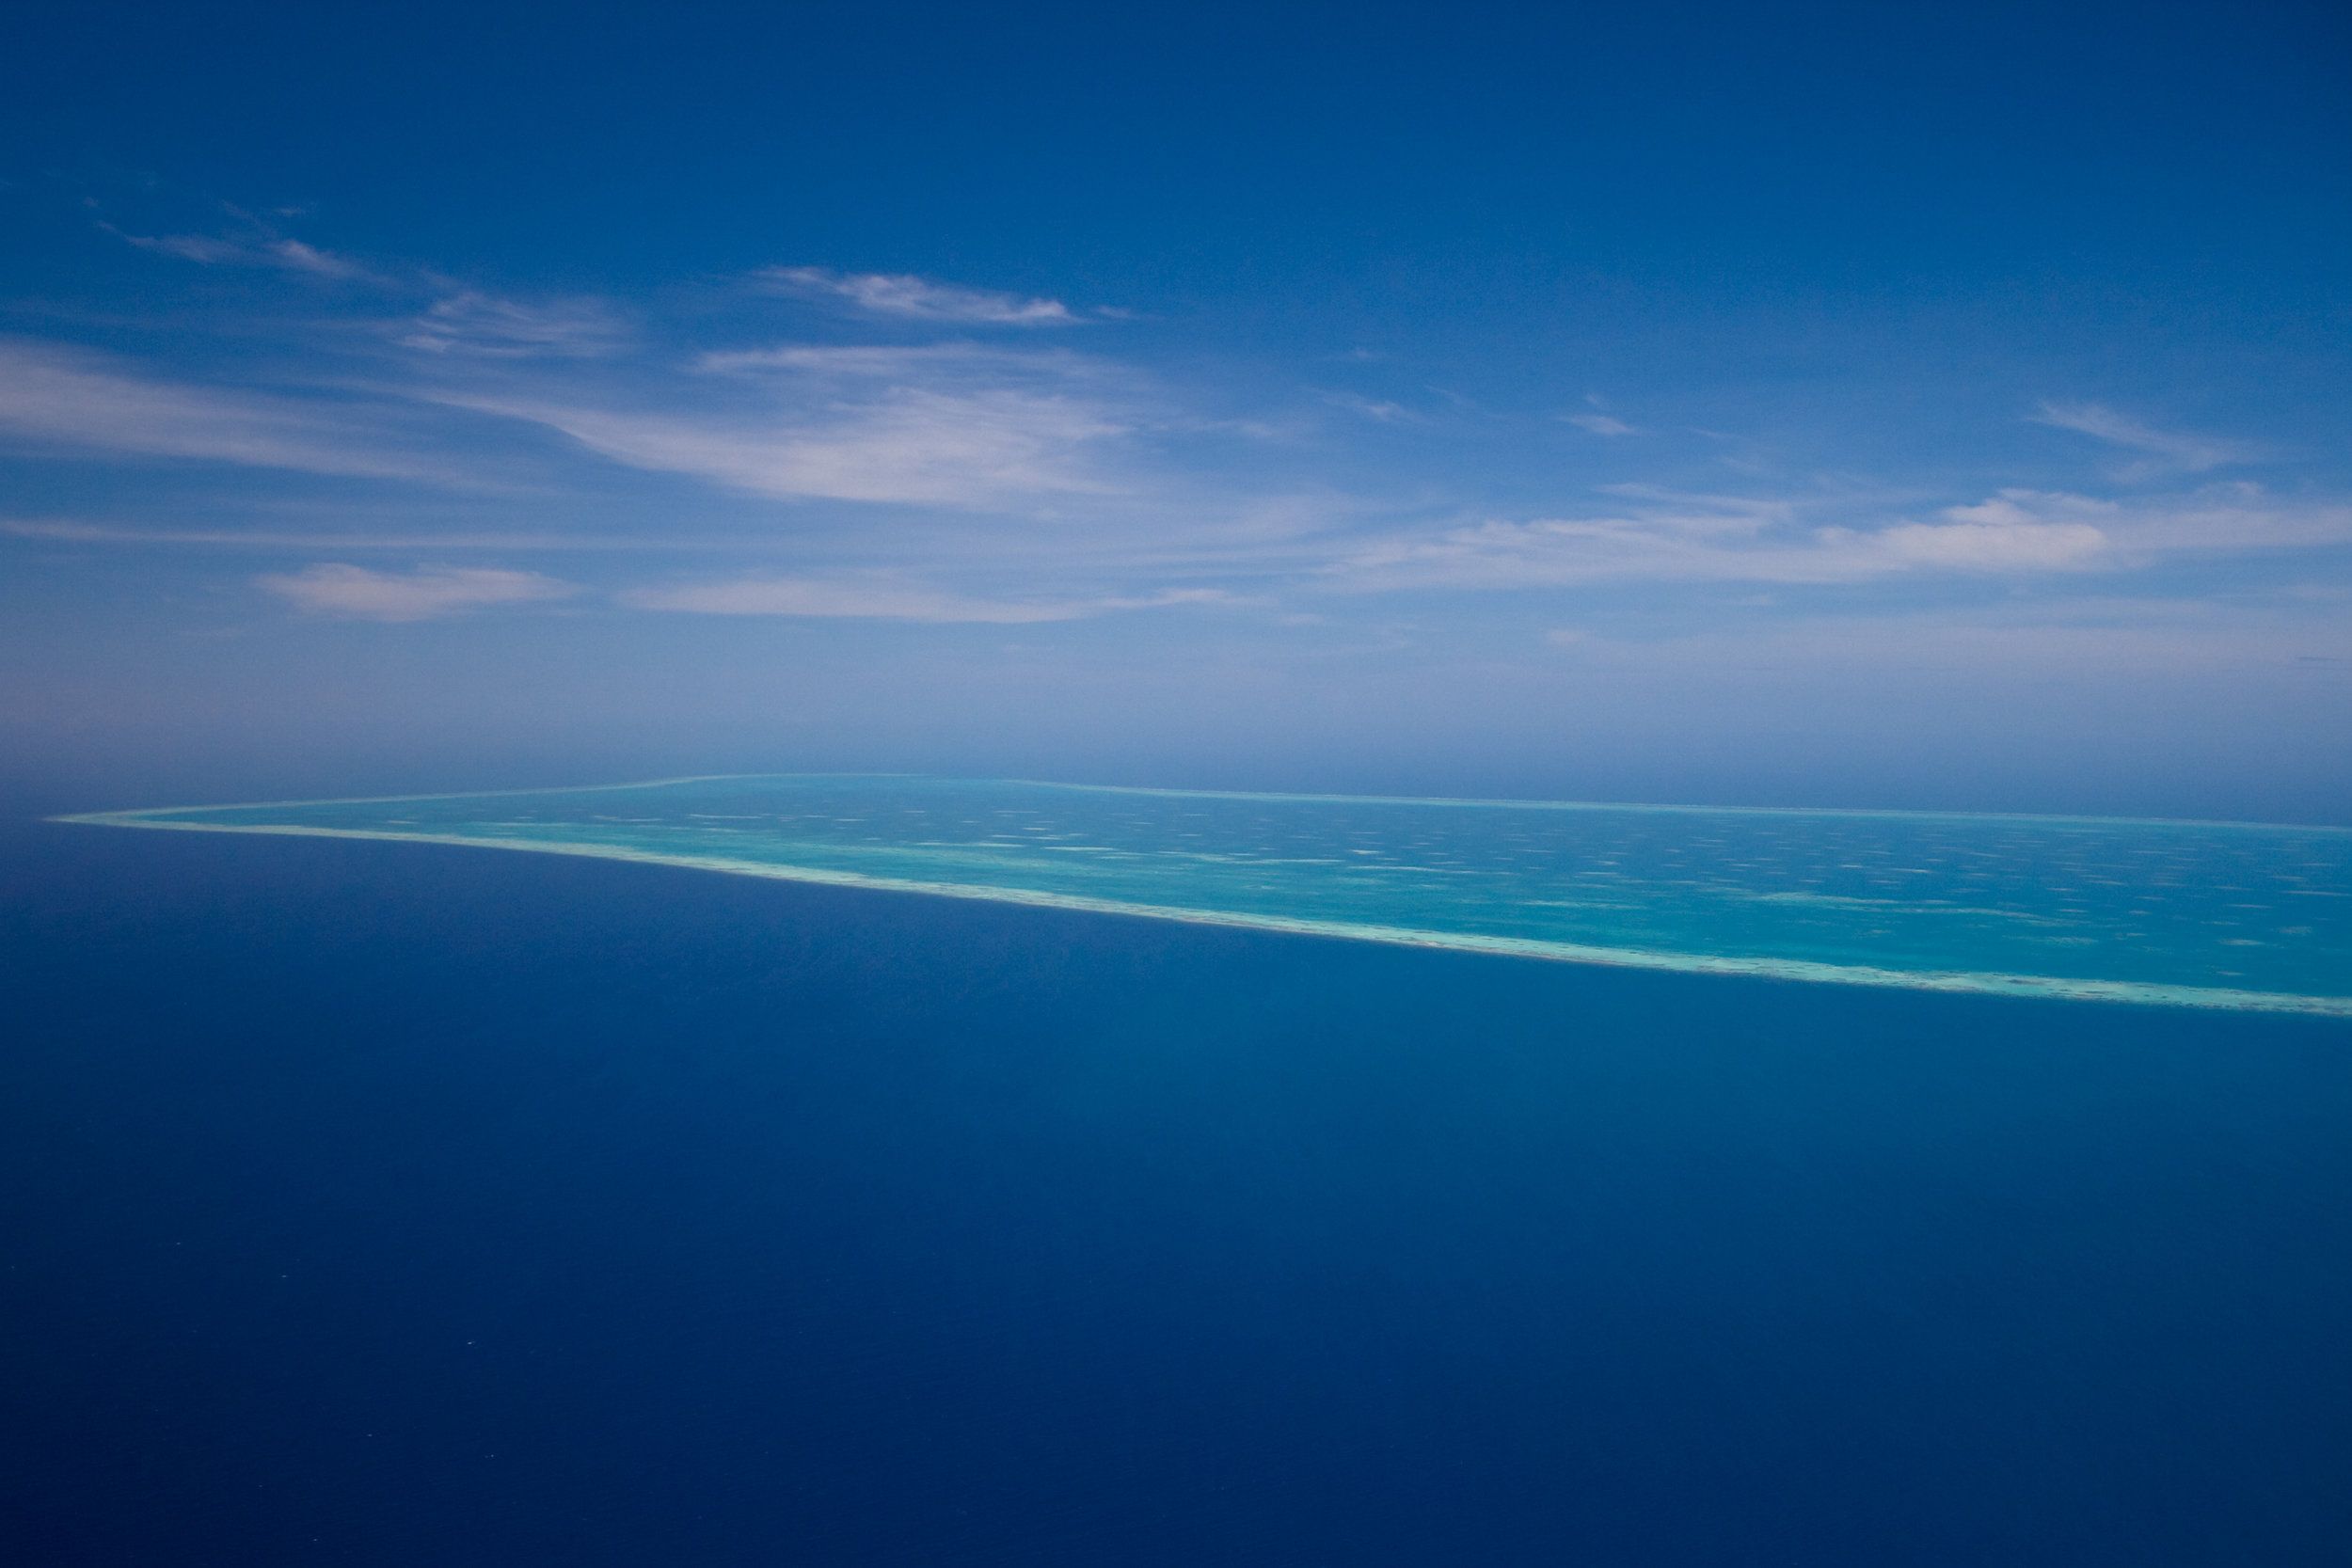 Astrum_Glovers Reef_164.jpg